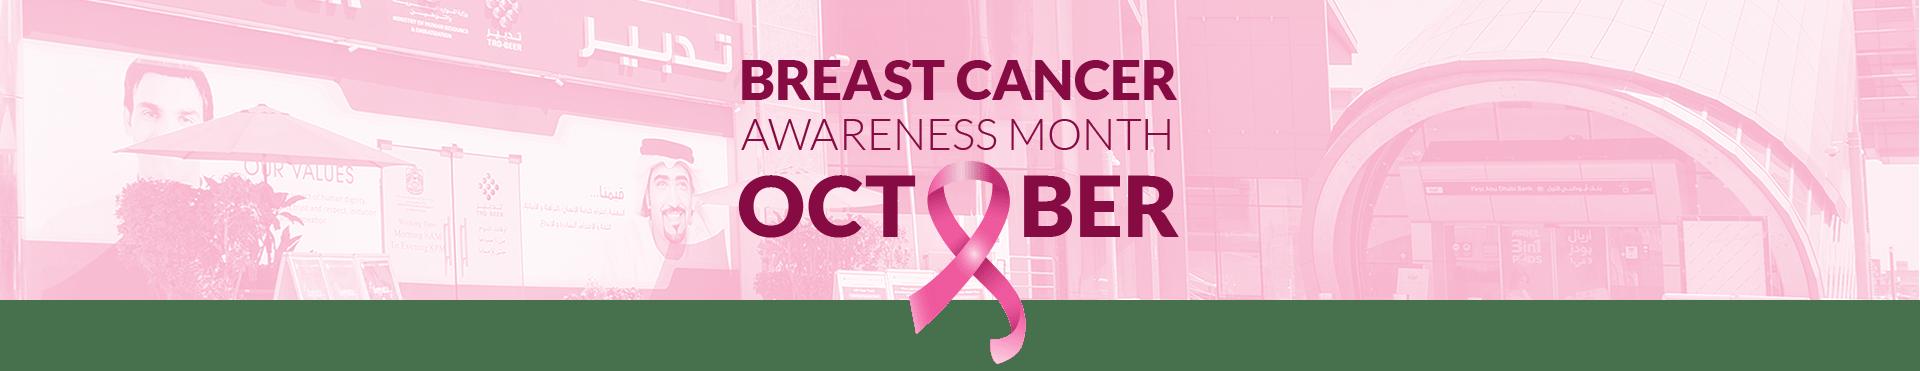 Pink Impact Banner